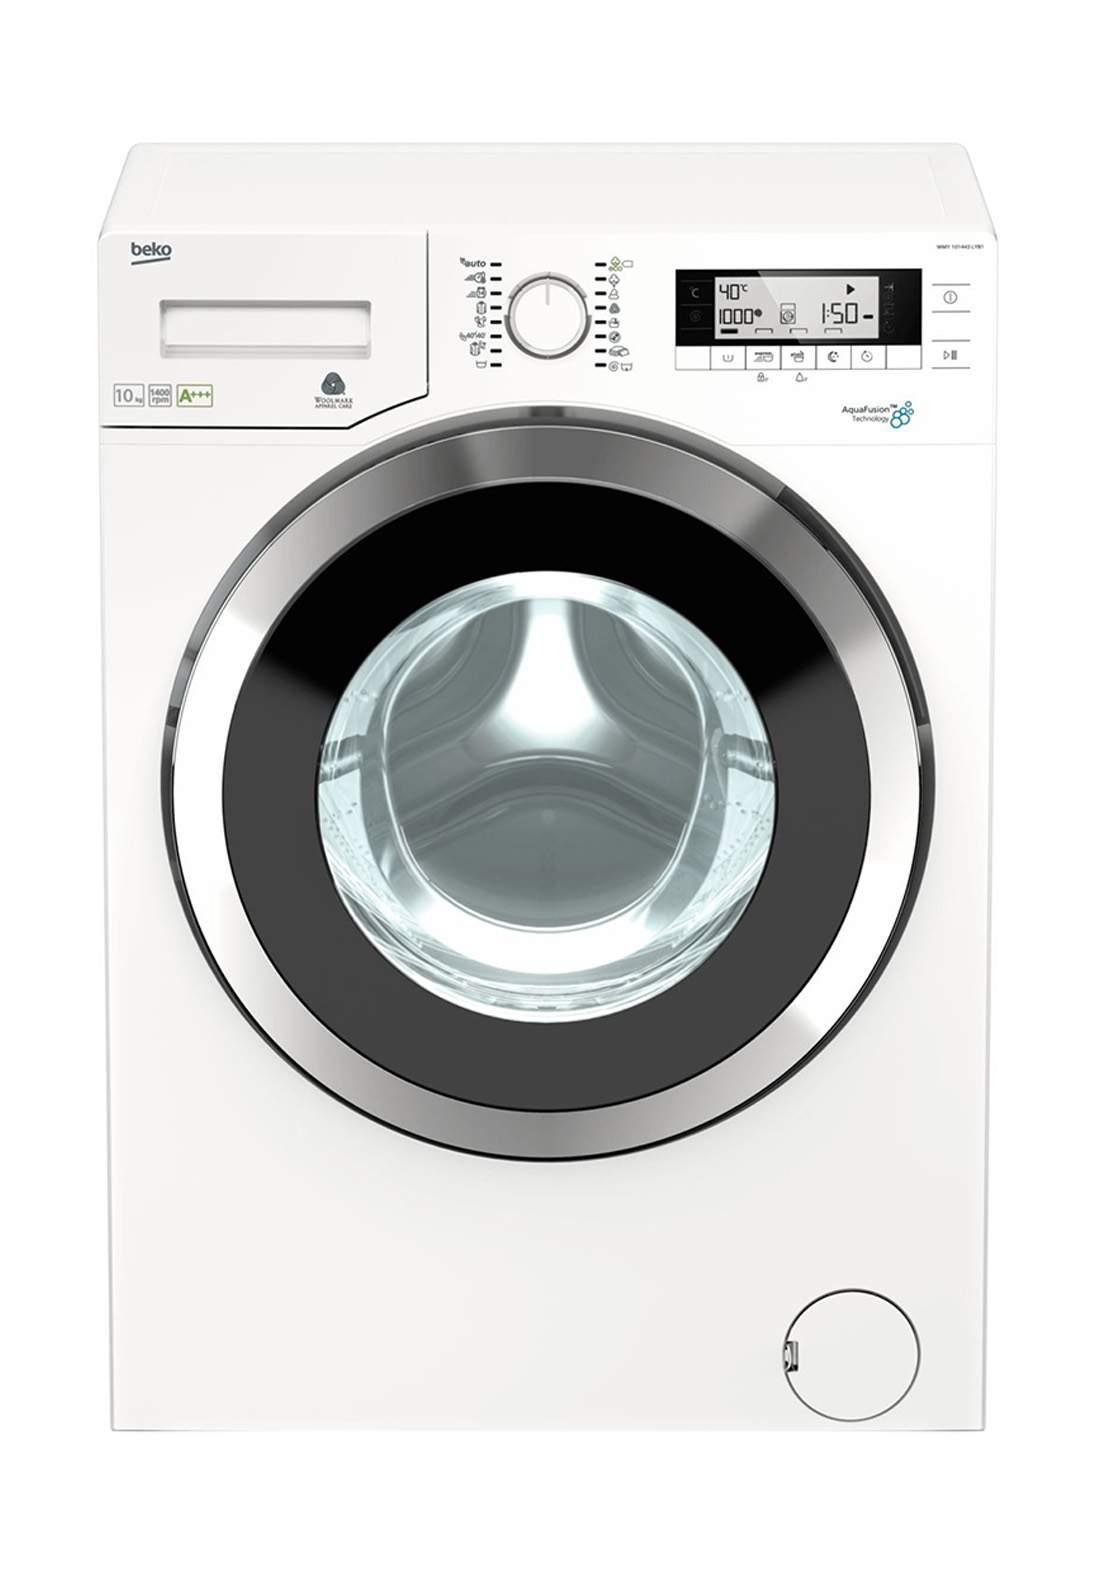 Beko  WMY 101444 LB1 Freestanding Washing Machine 10 kg - White غسالة أوتماتيك